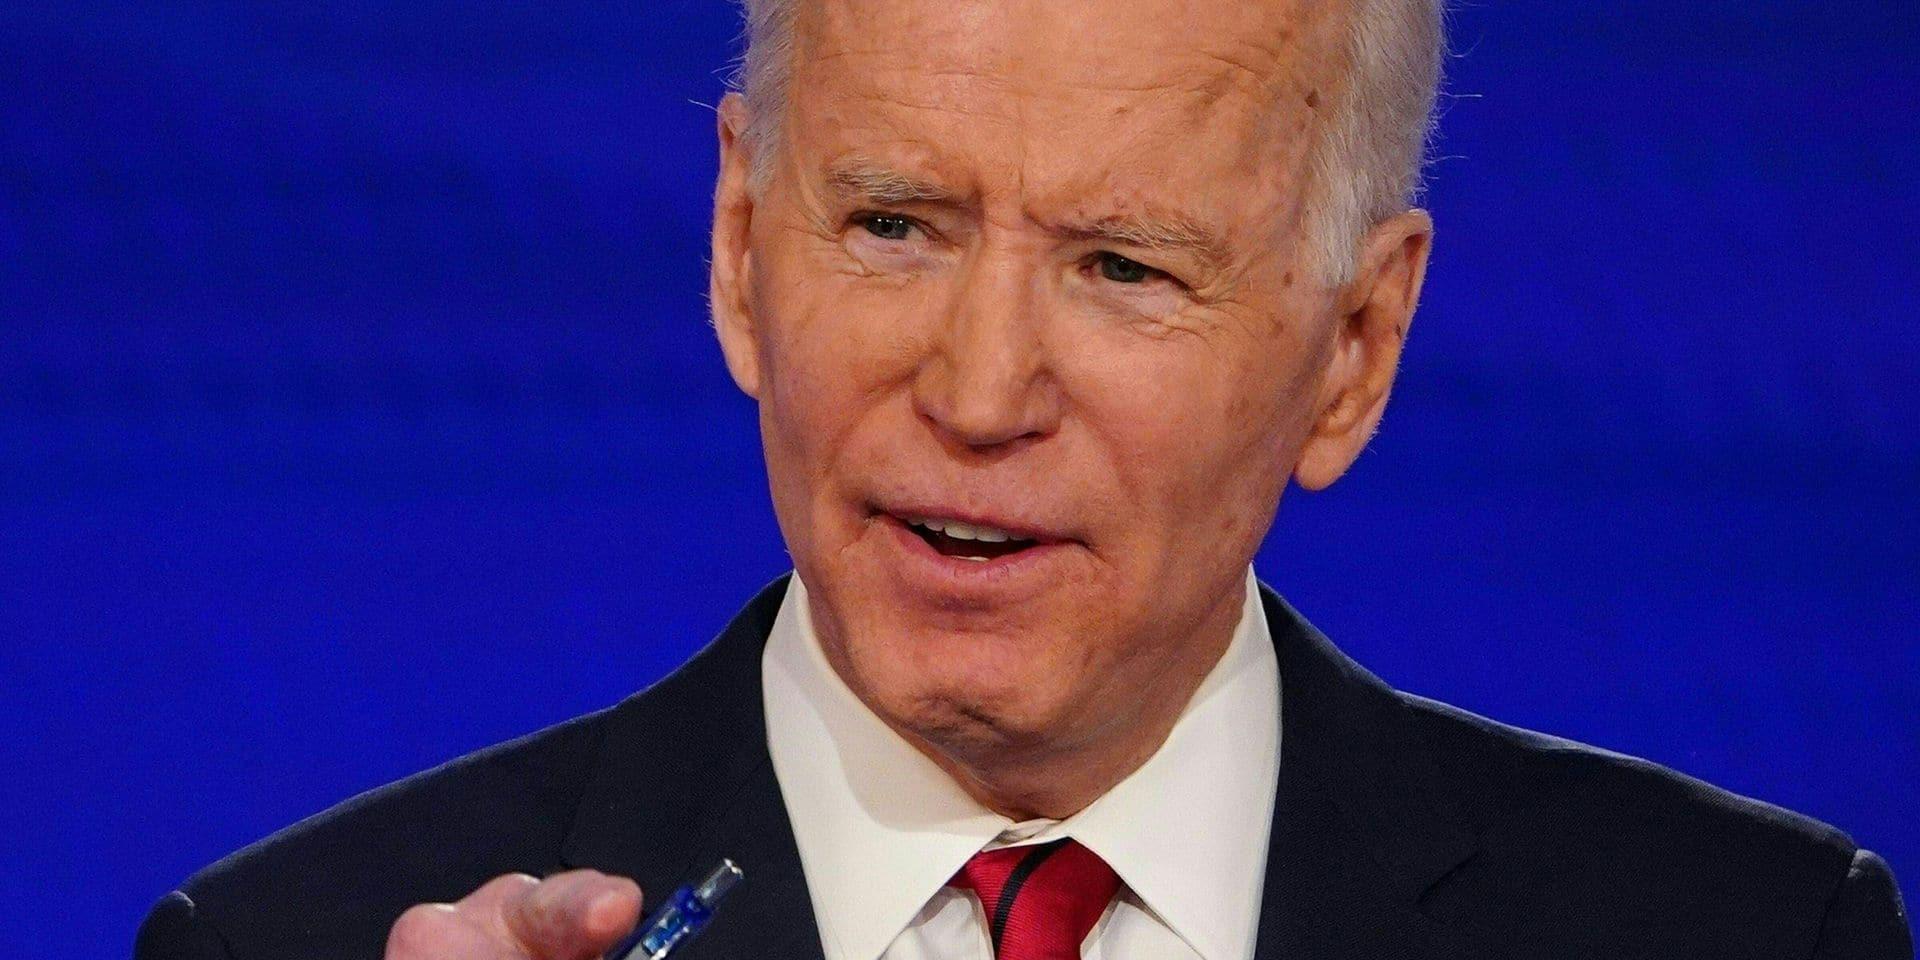 Joe Biden soutient les joueuses de football face à la fédération américaine